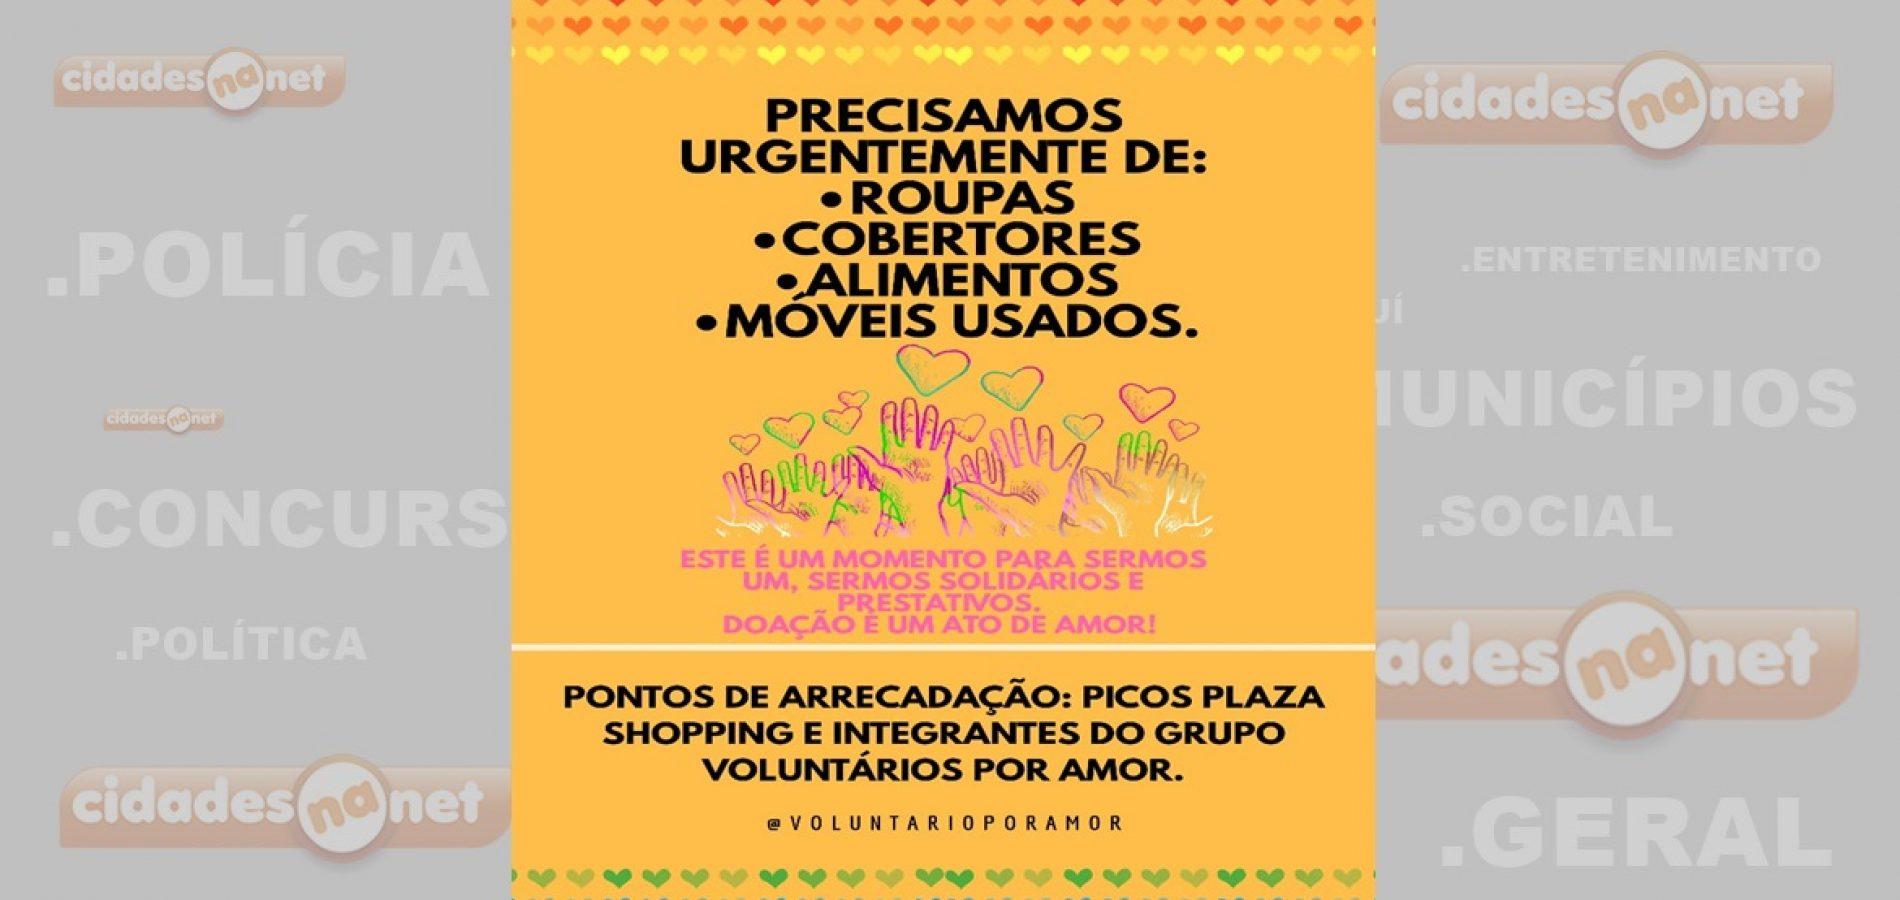 Em Picos, Grupo Voluntários Por Amor realiza campanha em prol das famílias desabrigadas; saiba como ajudar